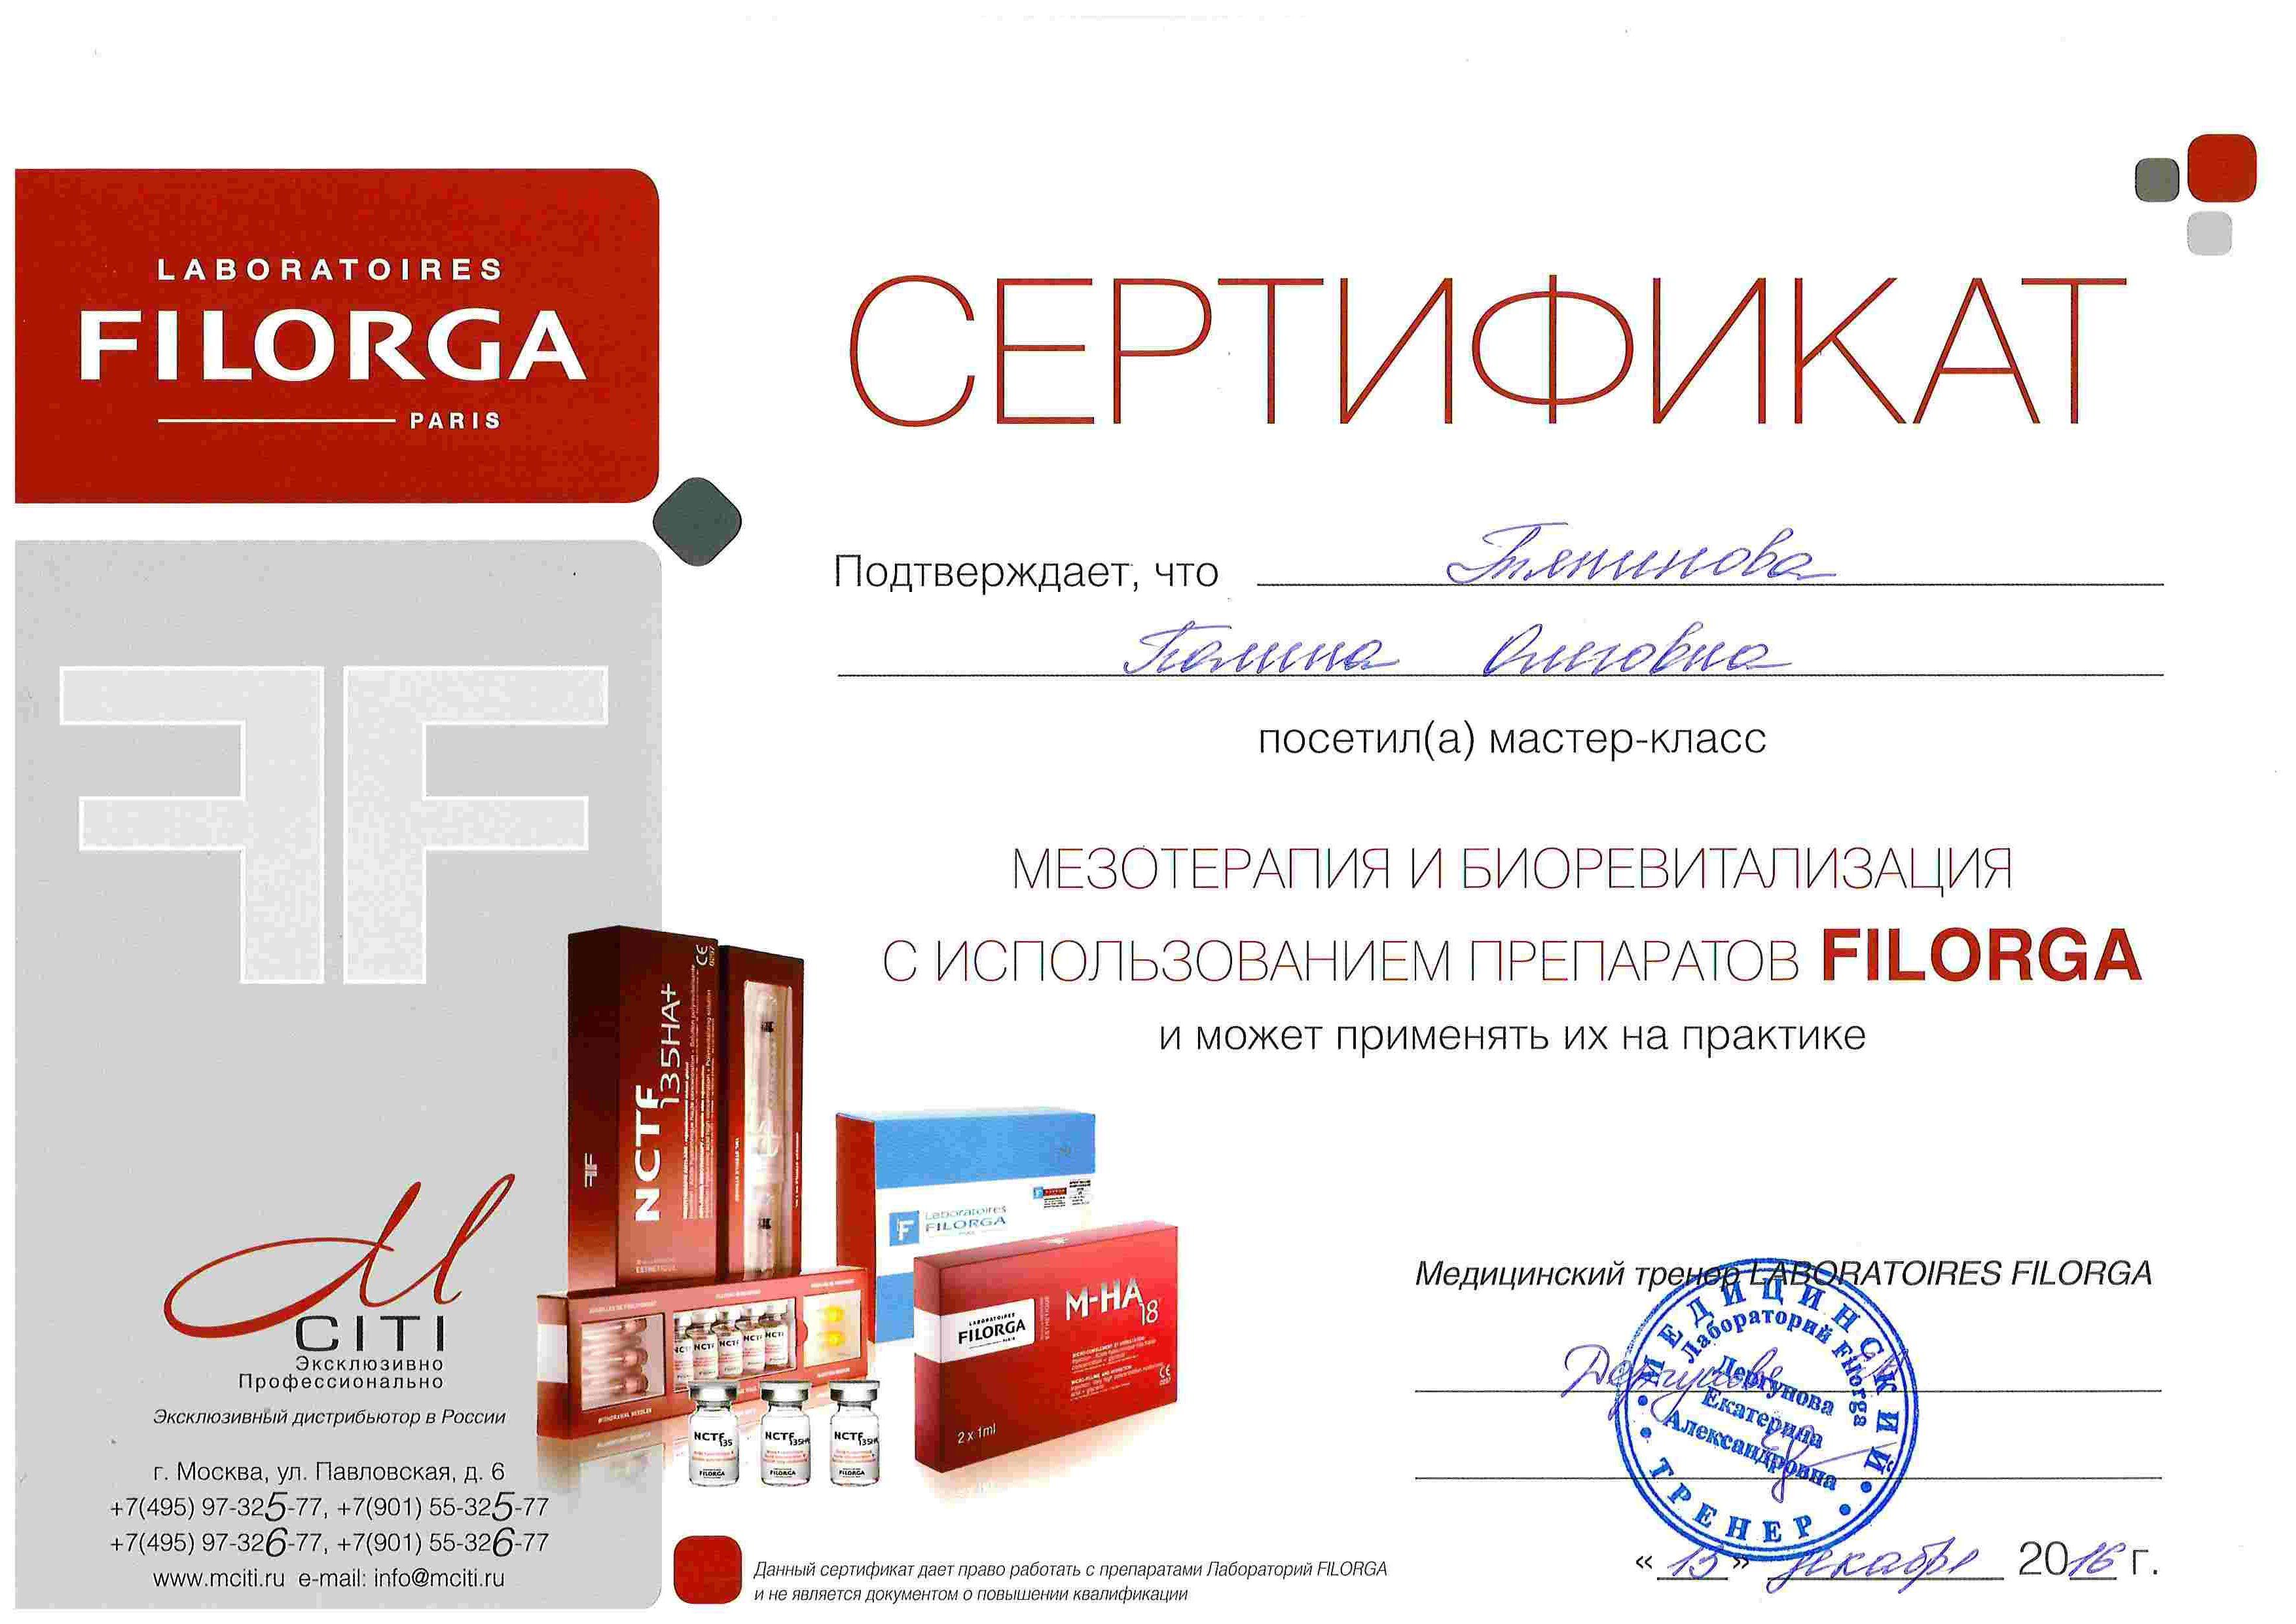 Сертификат Соловьева 14